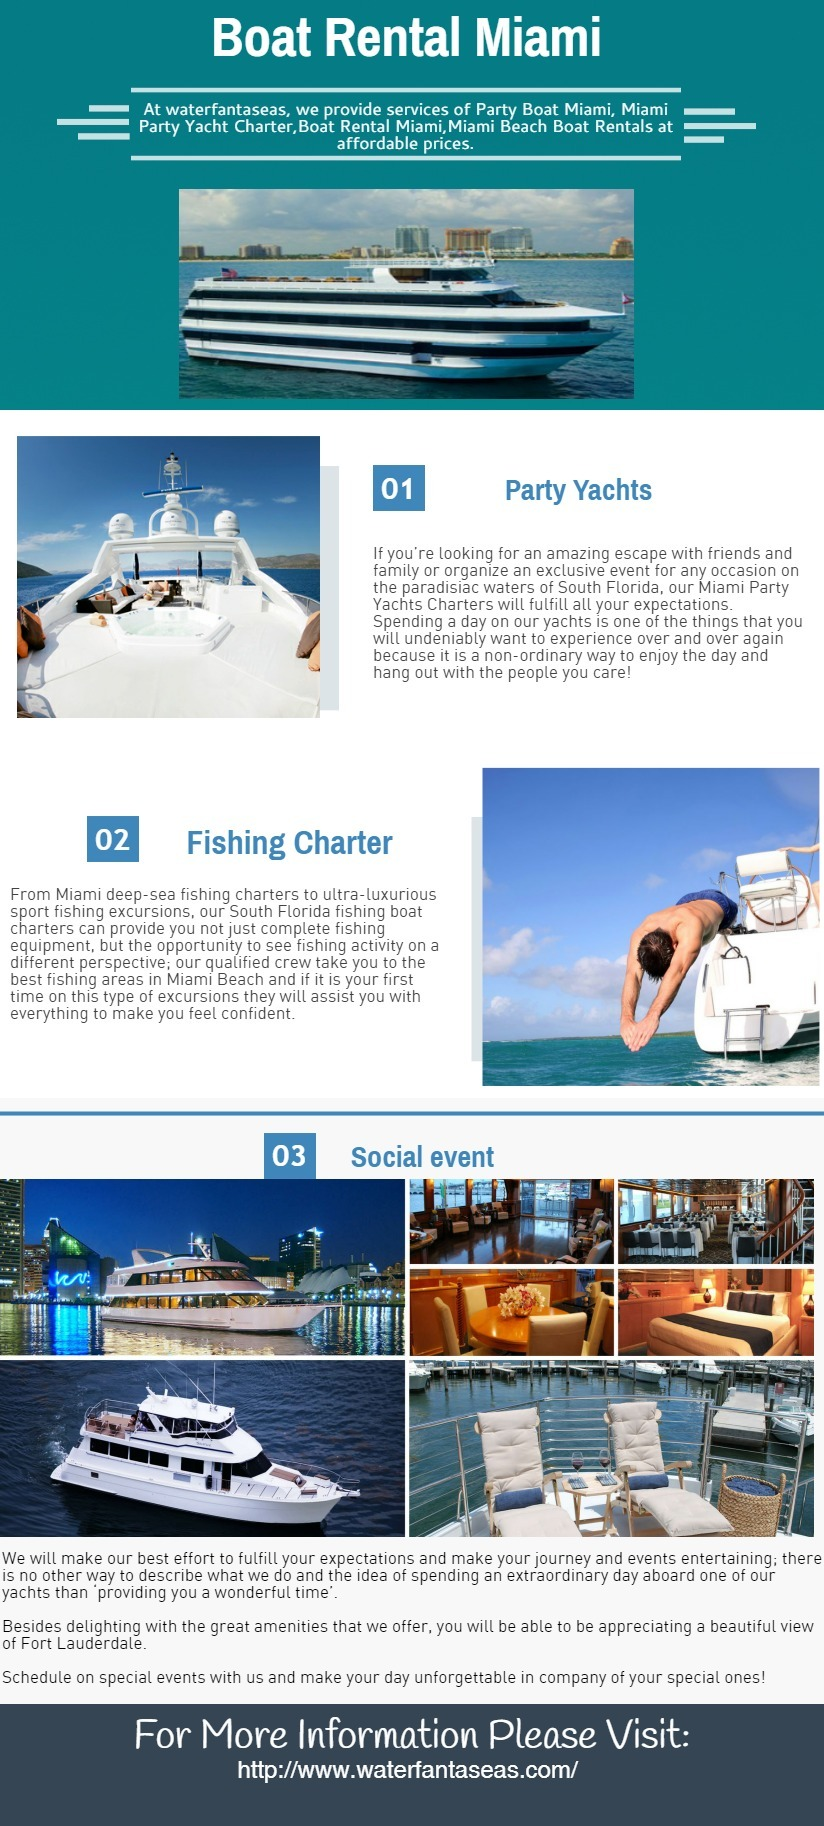 Boat Rental Miami Waterfantaseas Com